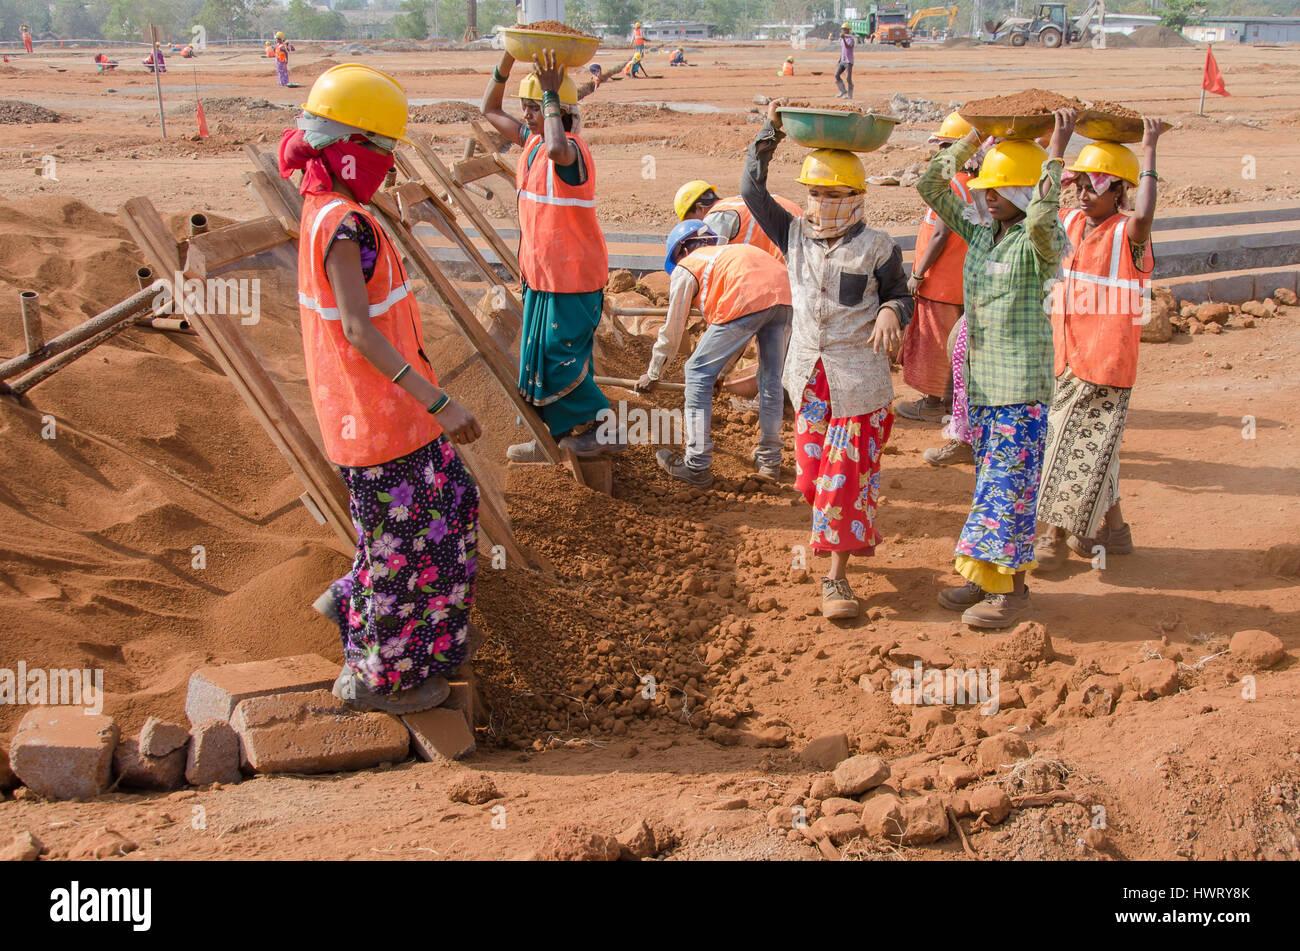 navi mumbai india 21st january 2017 construction laborer working at a site - Construction Laborer